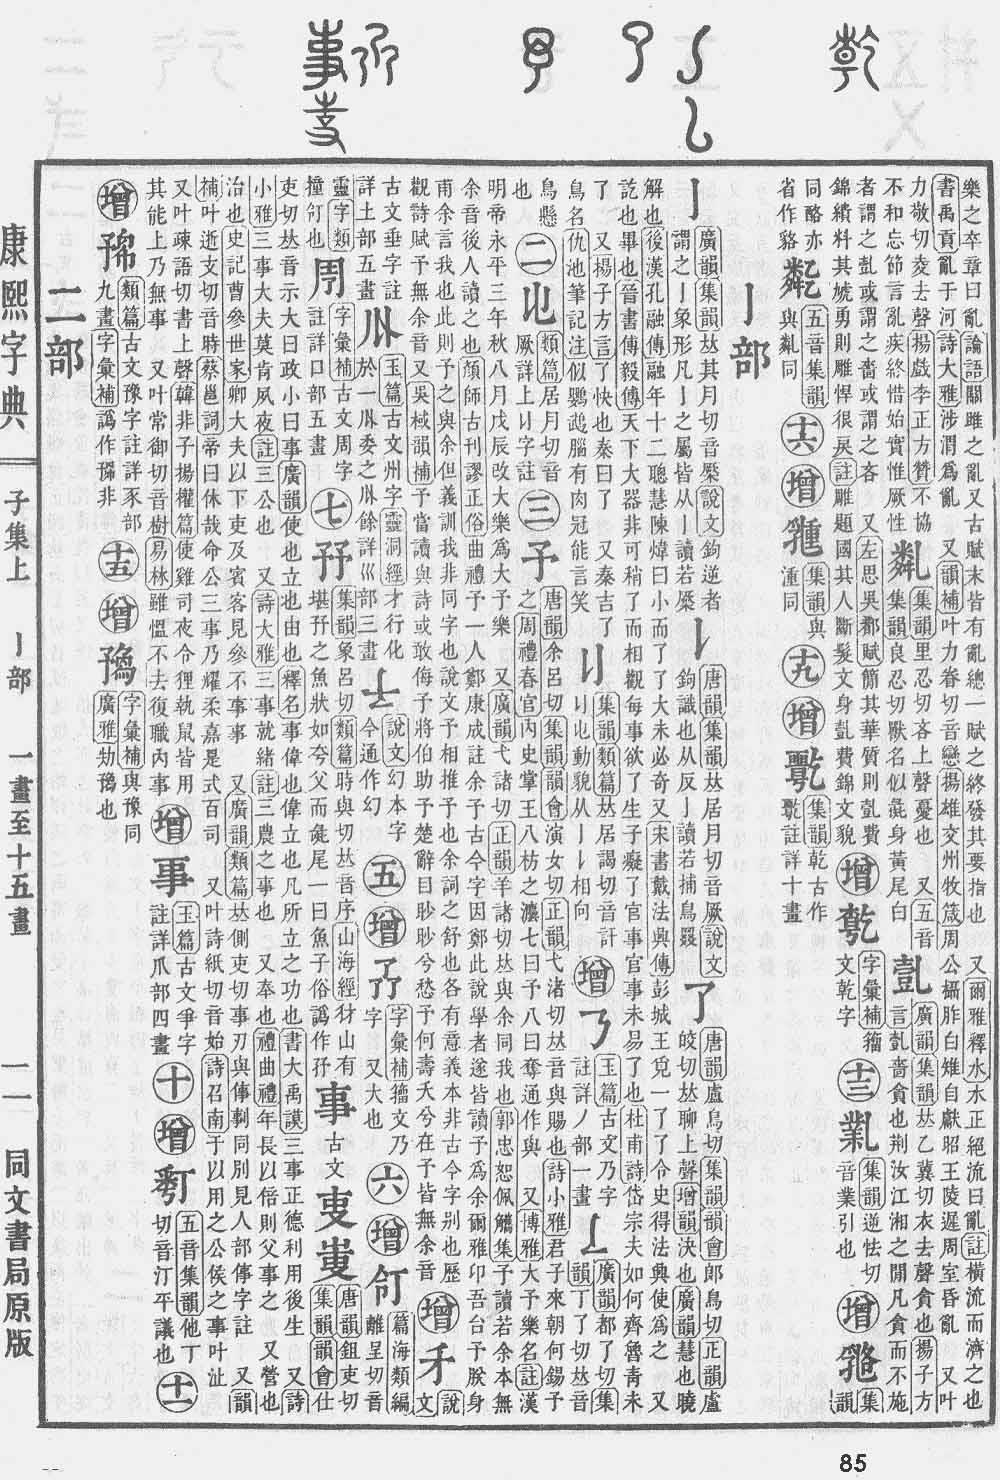 《康熙字典》第85页